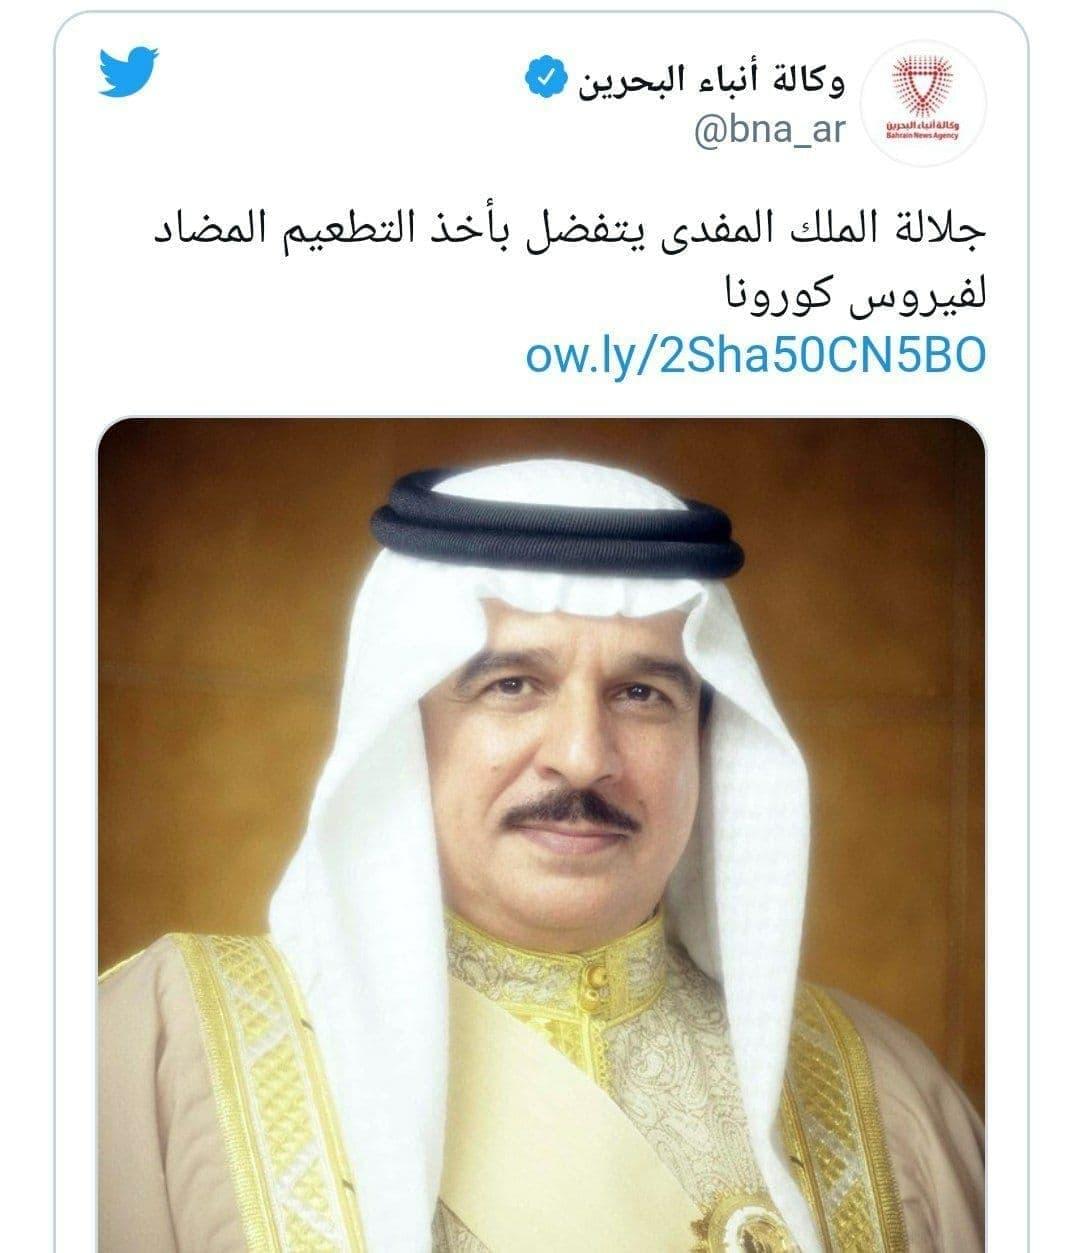 پادشاه بحرین واکسن کرونا زد